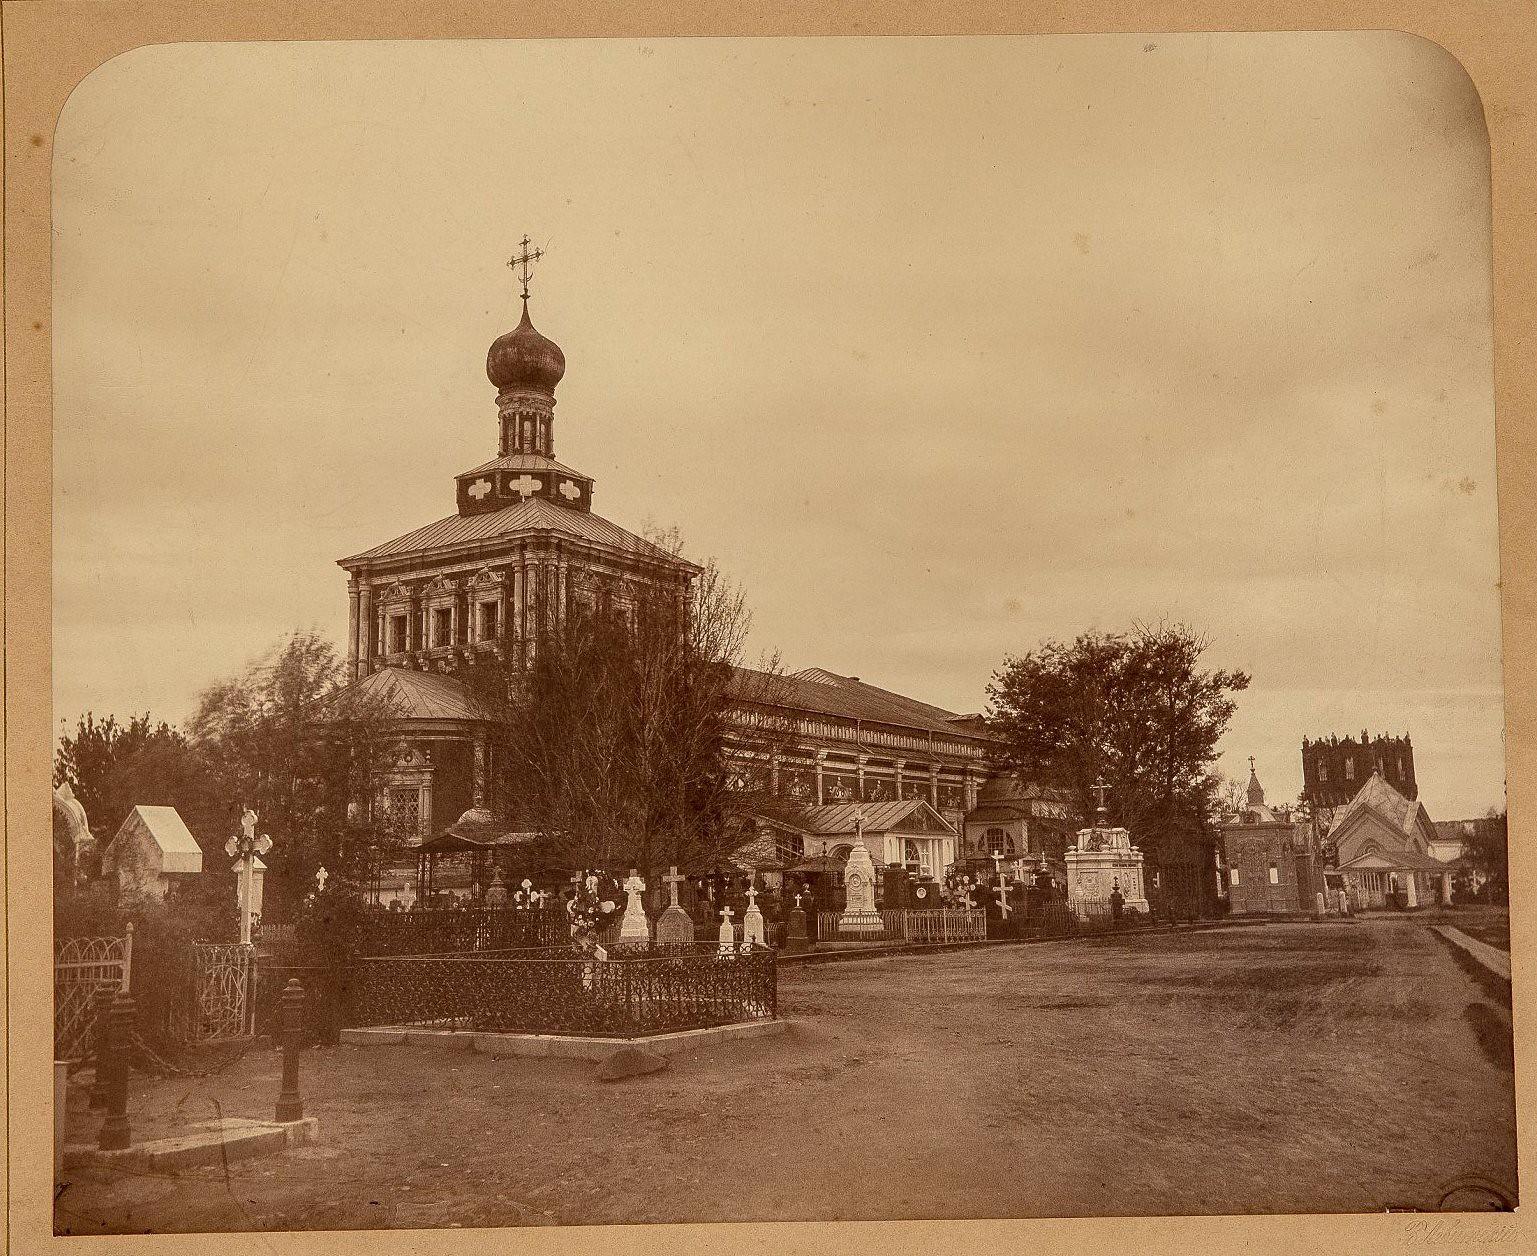 Новодевичий монастырь в Москве. Вид внутри на Успенскую трапезную церковь с северо-восточной стороны и надгробные памятники.1870-е